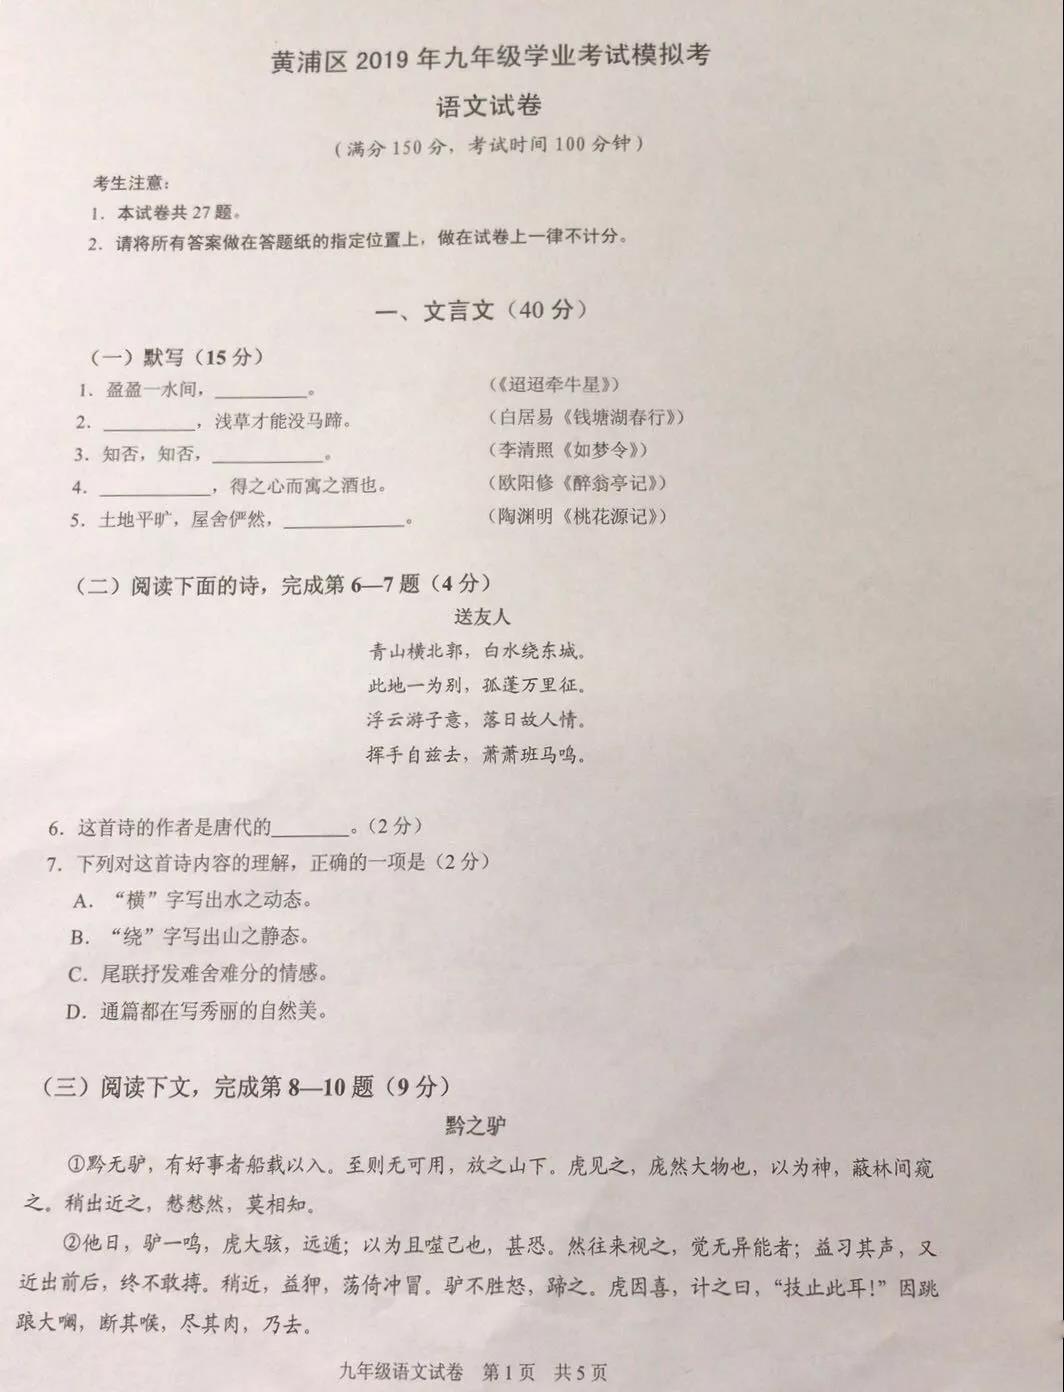 2019上海黄浦中考二模语文试题及答案